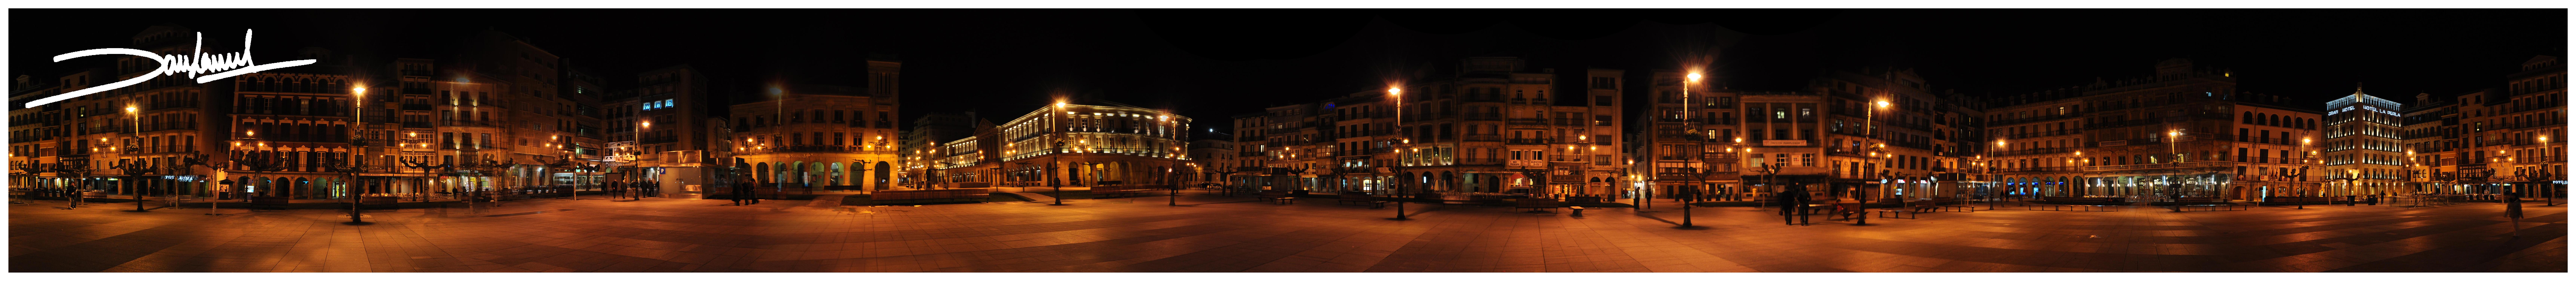 Panorama+plaza+del+castillo.jpg